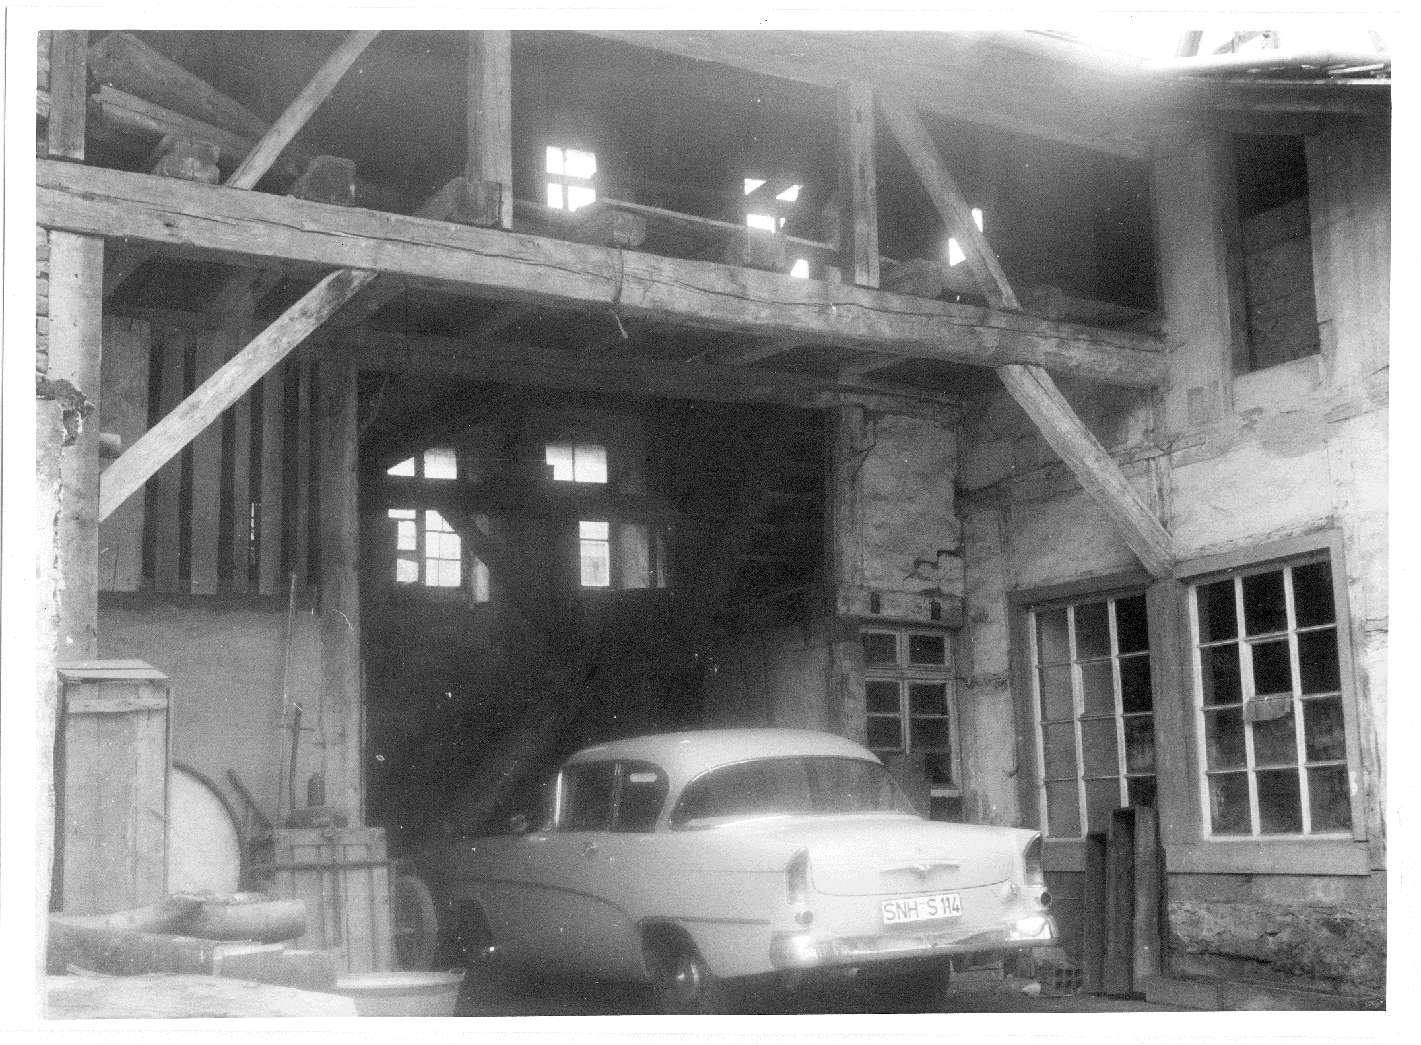 Richen, Eppingen, HN; Ruine der ehemaligen Synagoge, Bild 1